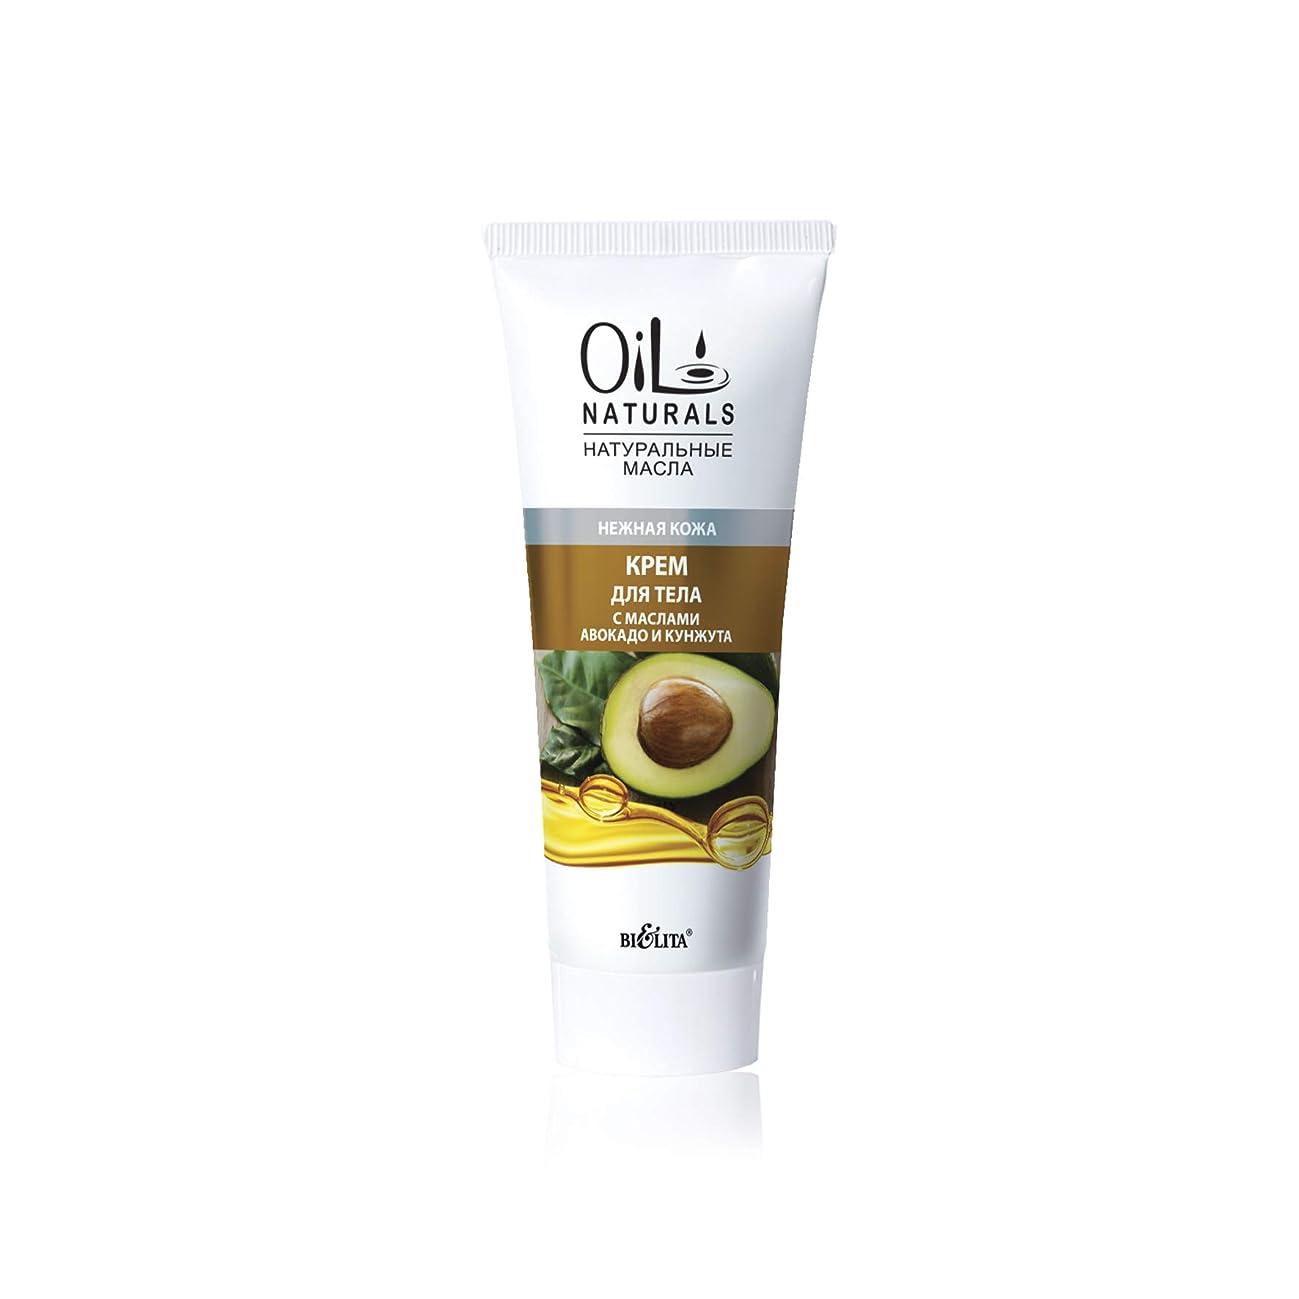 宴会冒険家見出しBielita & Vitex | Oil Naturals Line | Moisturizing Body Cream for Delicate Skin, 200 ml | Avocado Oil, Silk Proteins, Sesame Oil, Vitamins